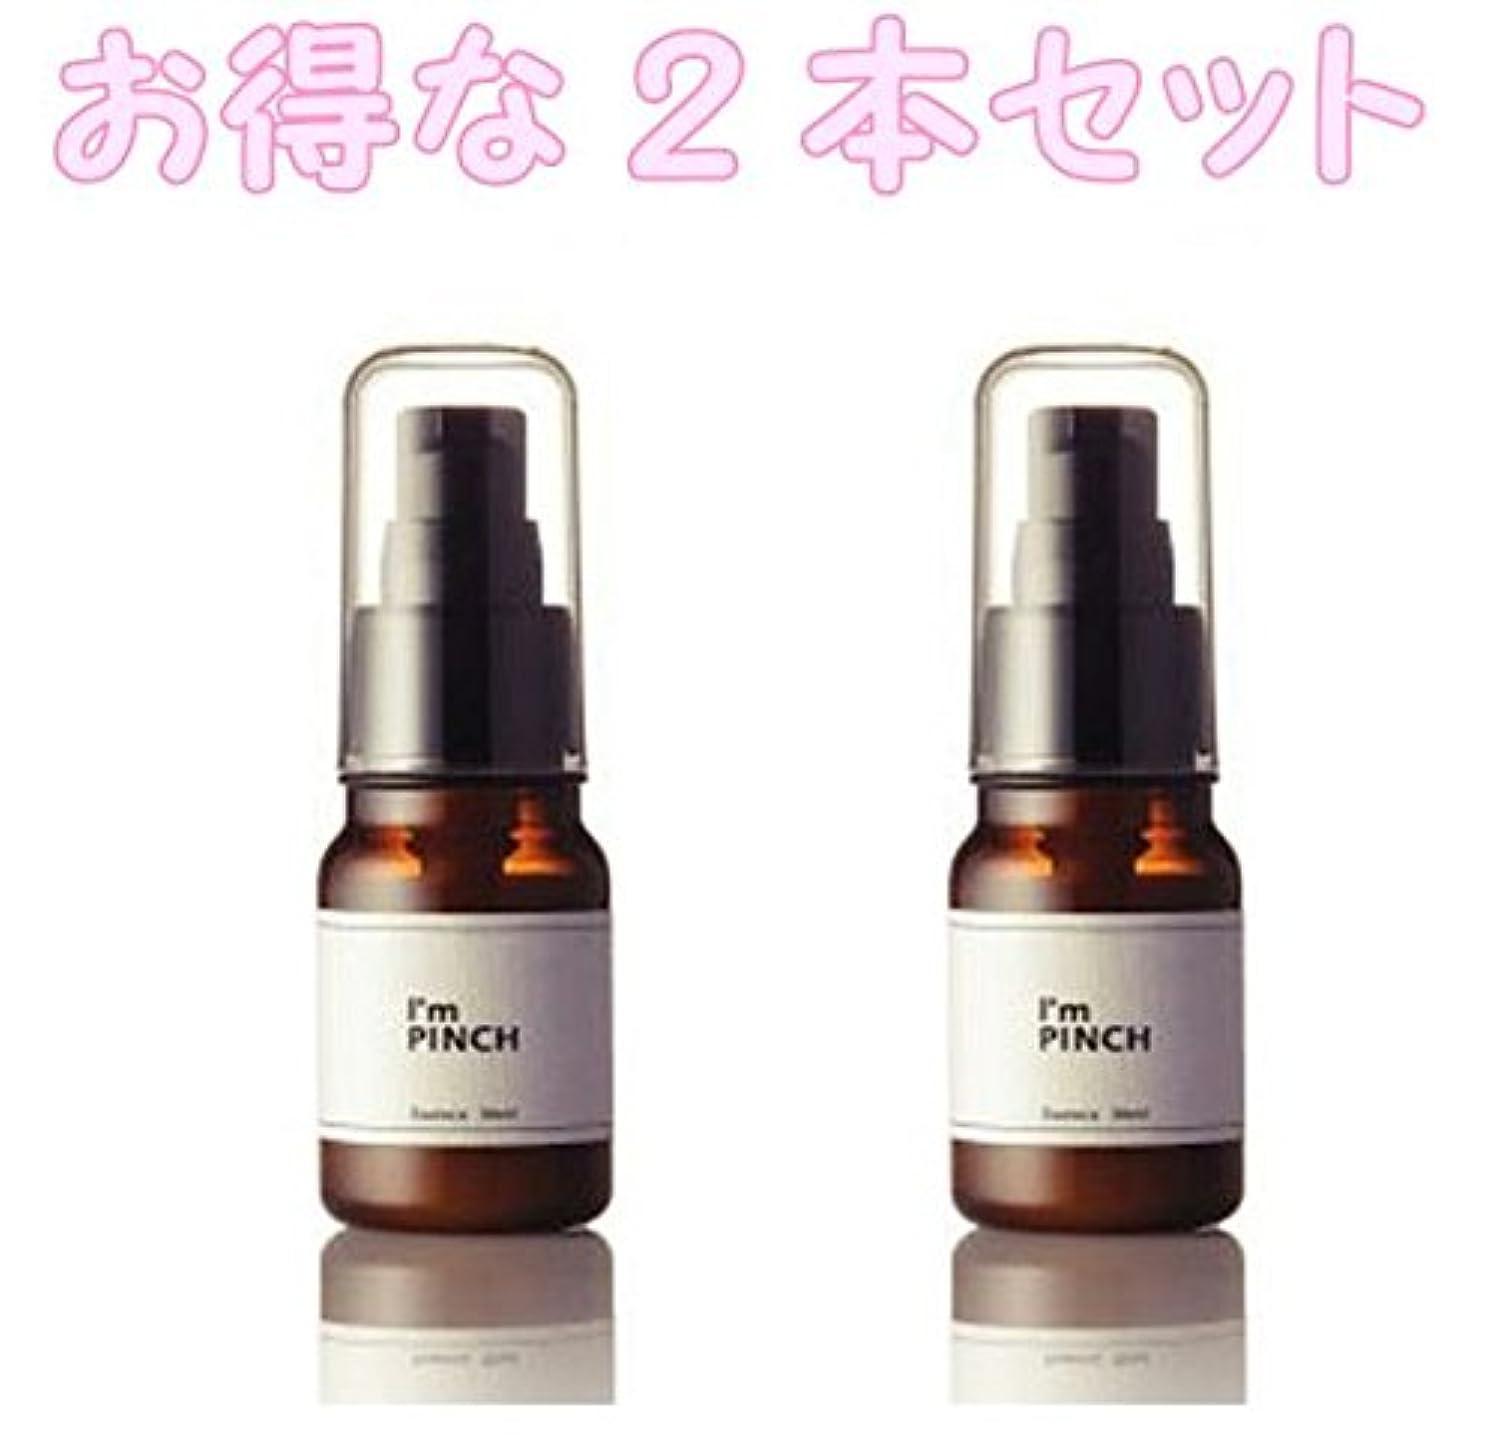 過剰エキゾチックストライク【2本セット】 乾燥からお肌を救う美容液 I'm PINCH(アイムピンチ)10ml